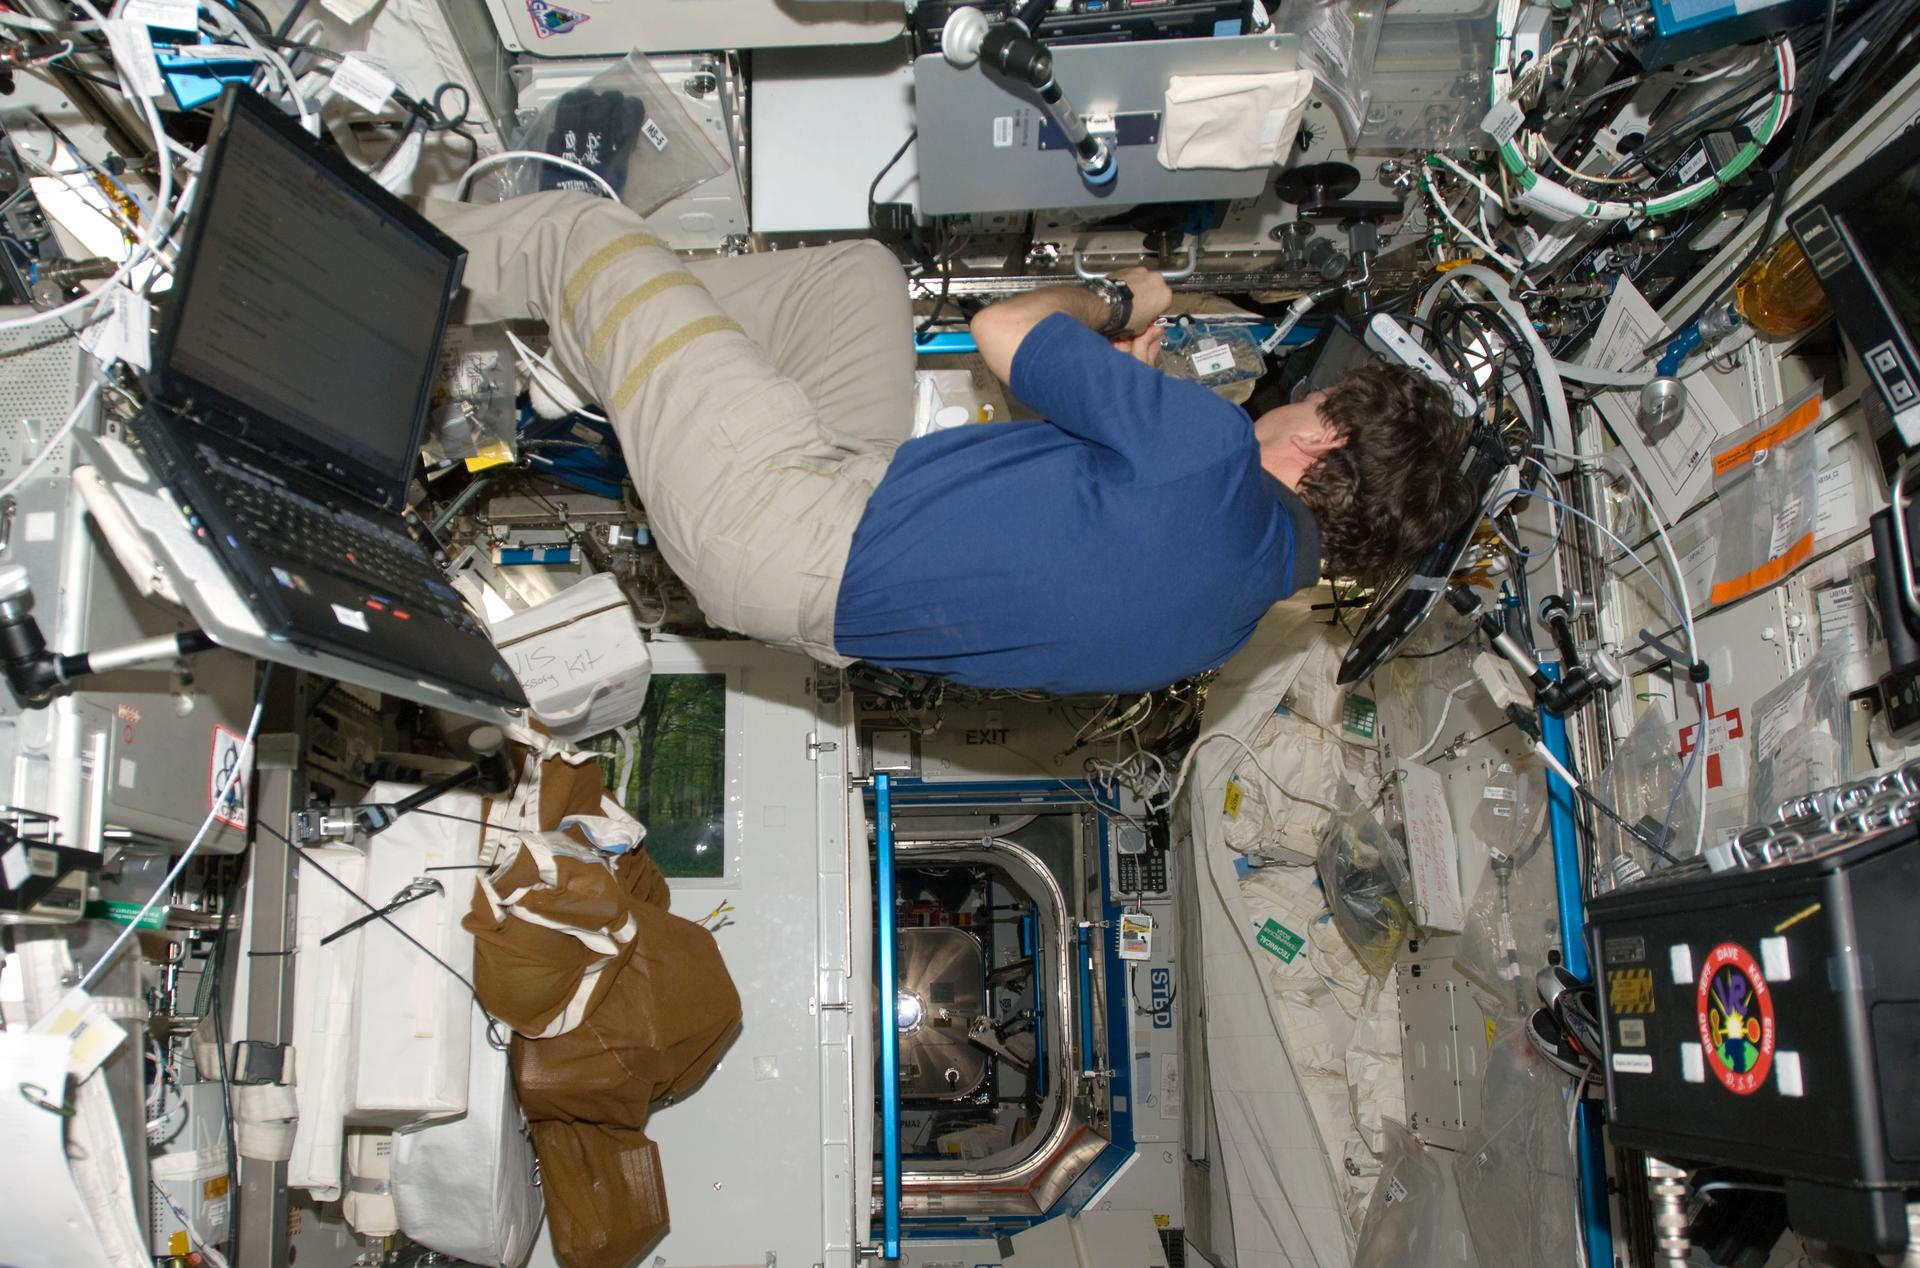 Fotografia wykonana zgóry, ukazuje astronautę wstanie nieważkości wniewielkim pomieszczeniu na stacji kosmicznej. Astronauta widoczny ze swojego lewego boku manipuluje przy sprzęcie. Na ścianach pomieszczania przytwierdzone różne sprzęty oraz kable. Poniżej astronauty widoczne przejście do następnego pomieszczenia.